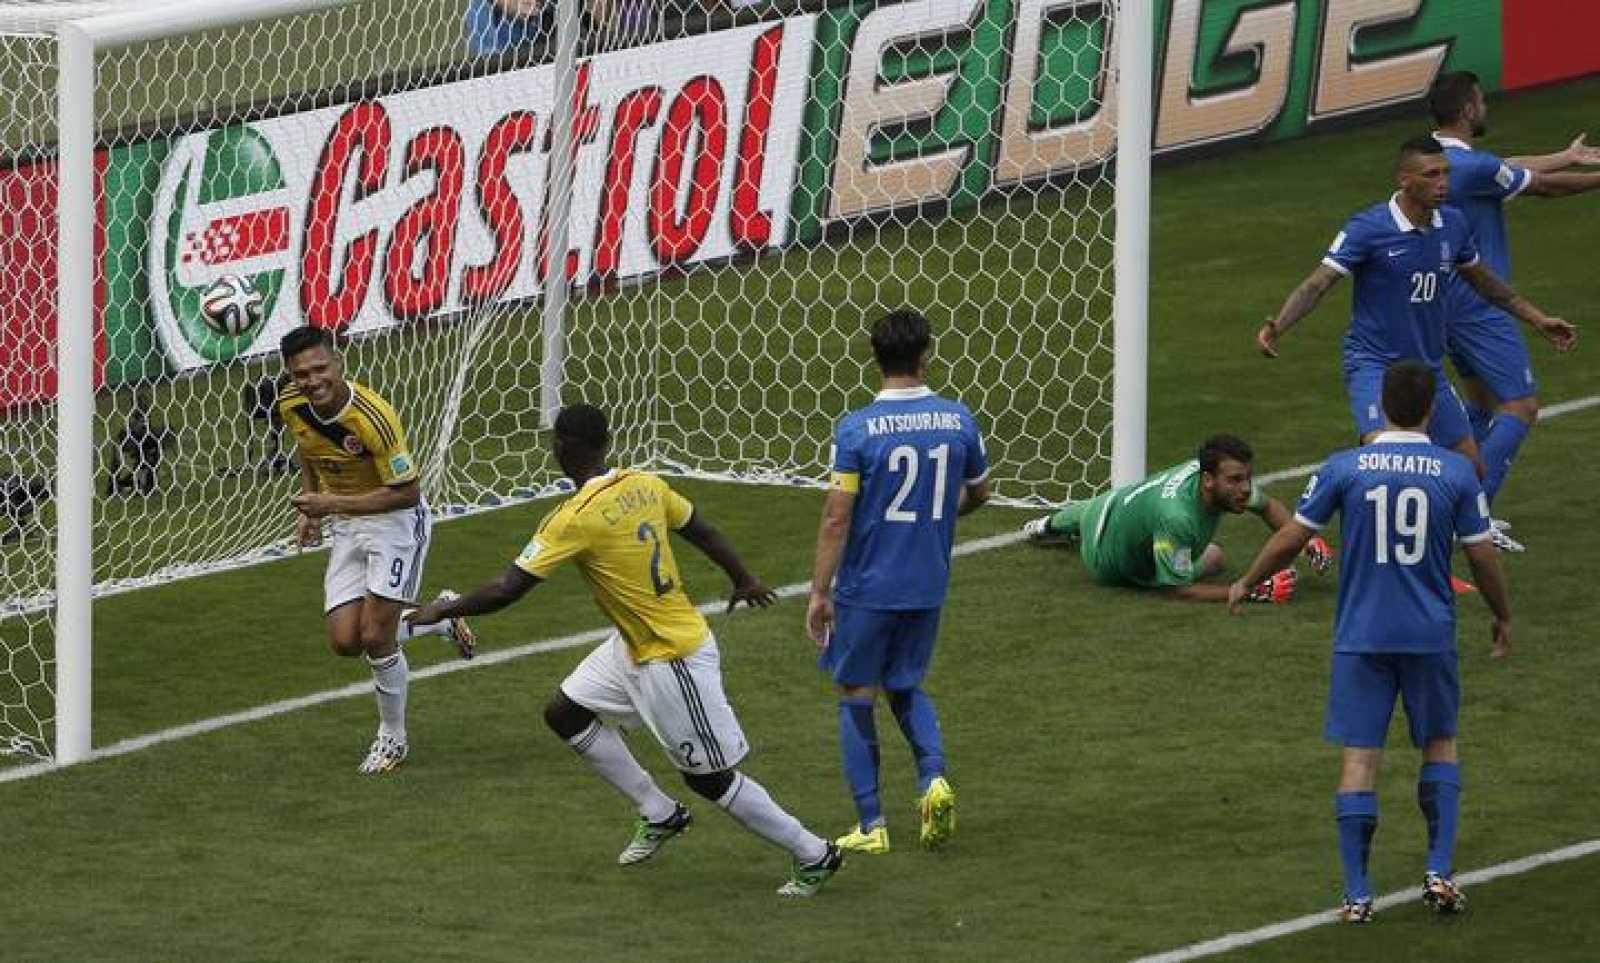 Teofilo Gutierrez celebra el segundo gol de la selección colombiana.